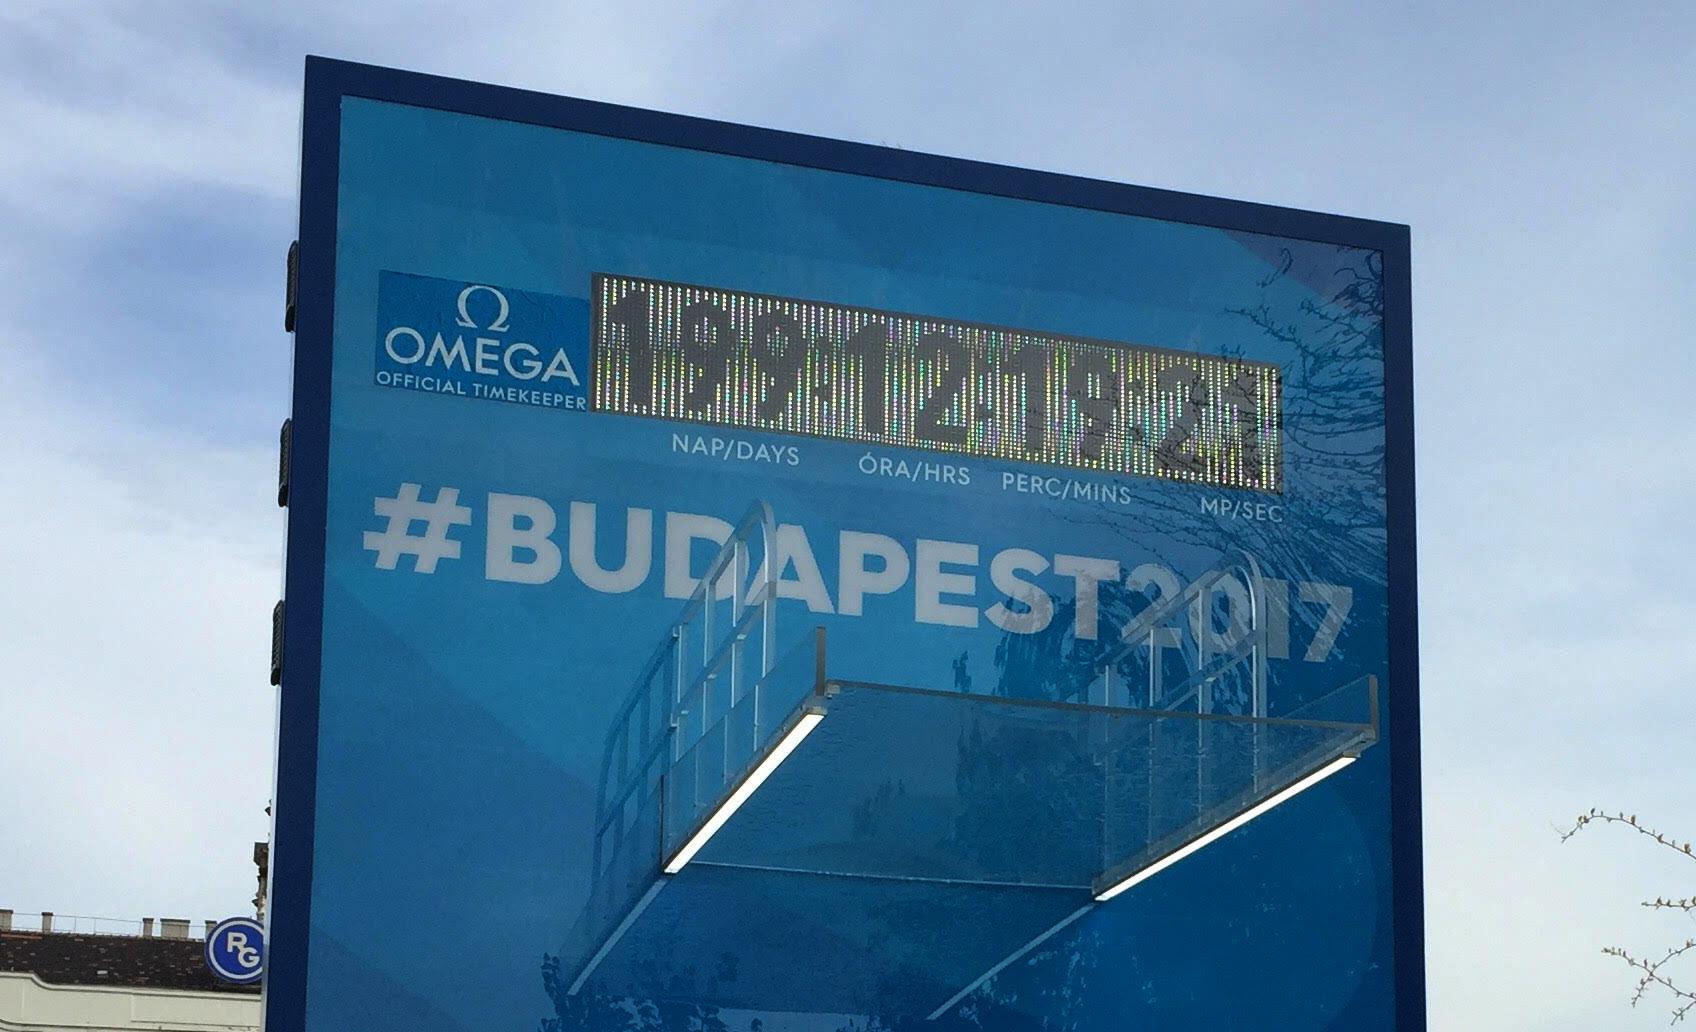 Itt a Moszkva téri óra 2.0: a vizes vébé visszaszámlálója összevissza jár, most éppen 100 napot késik